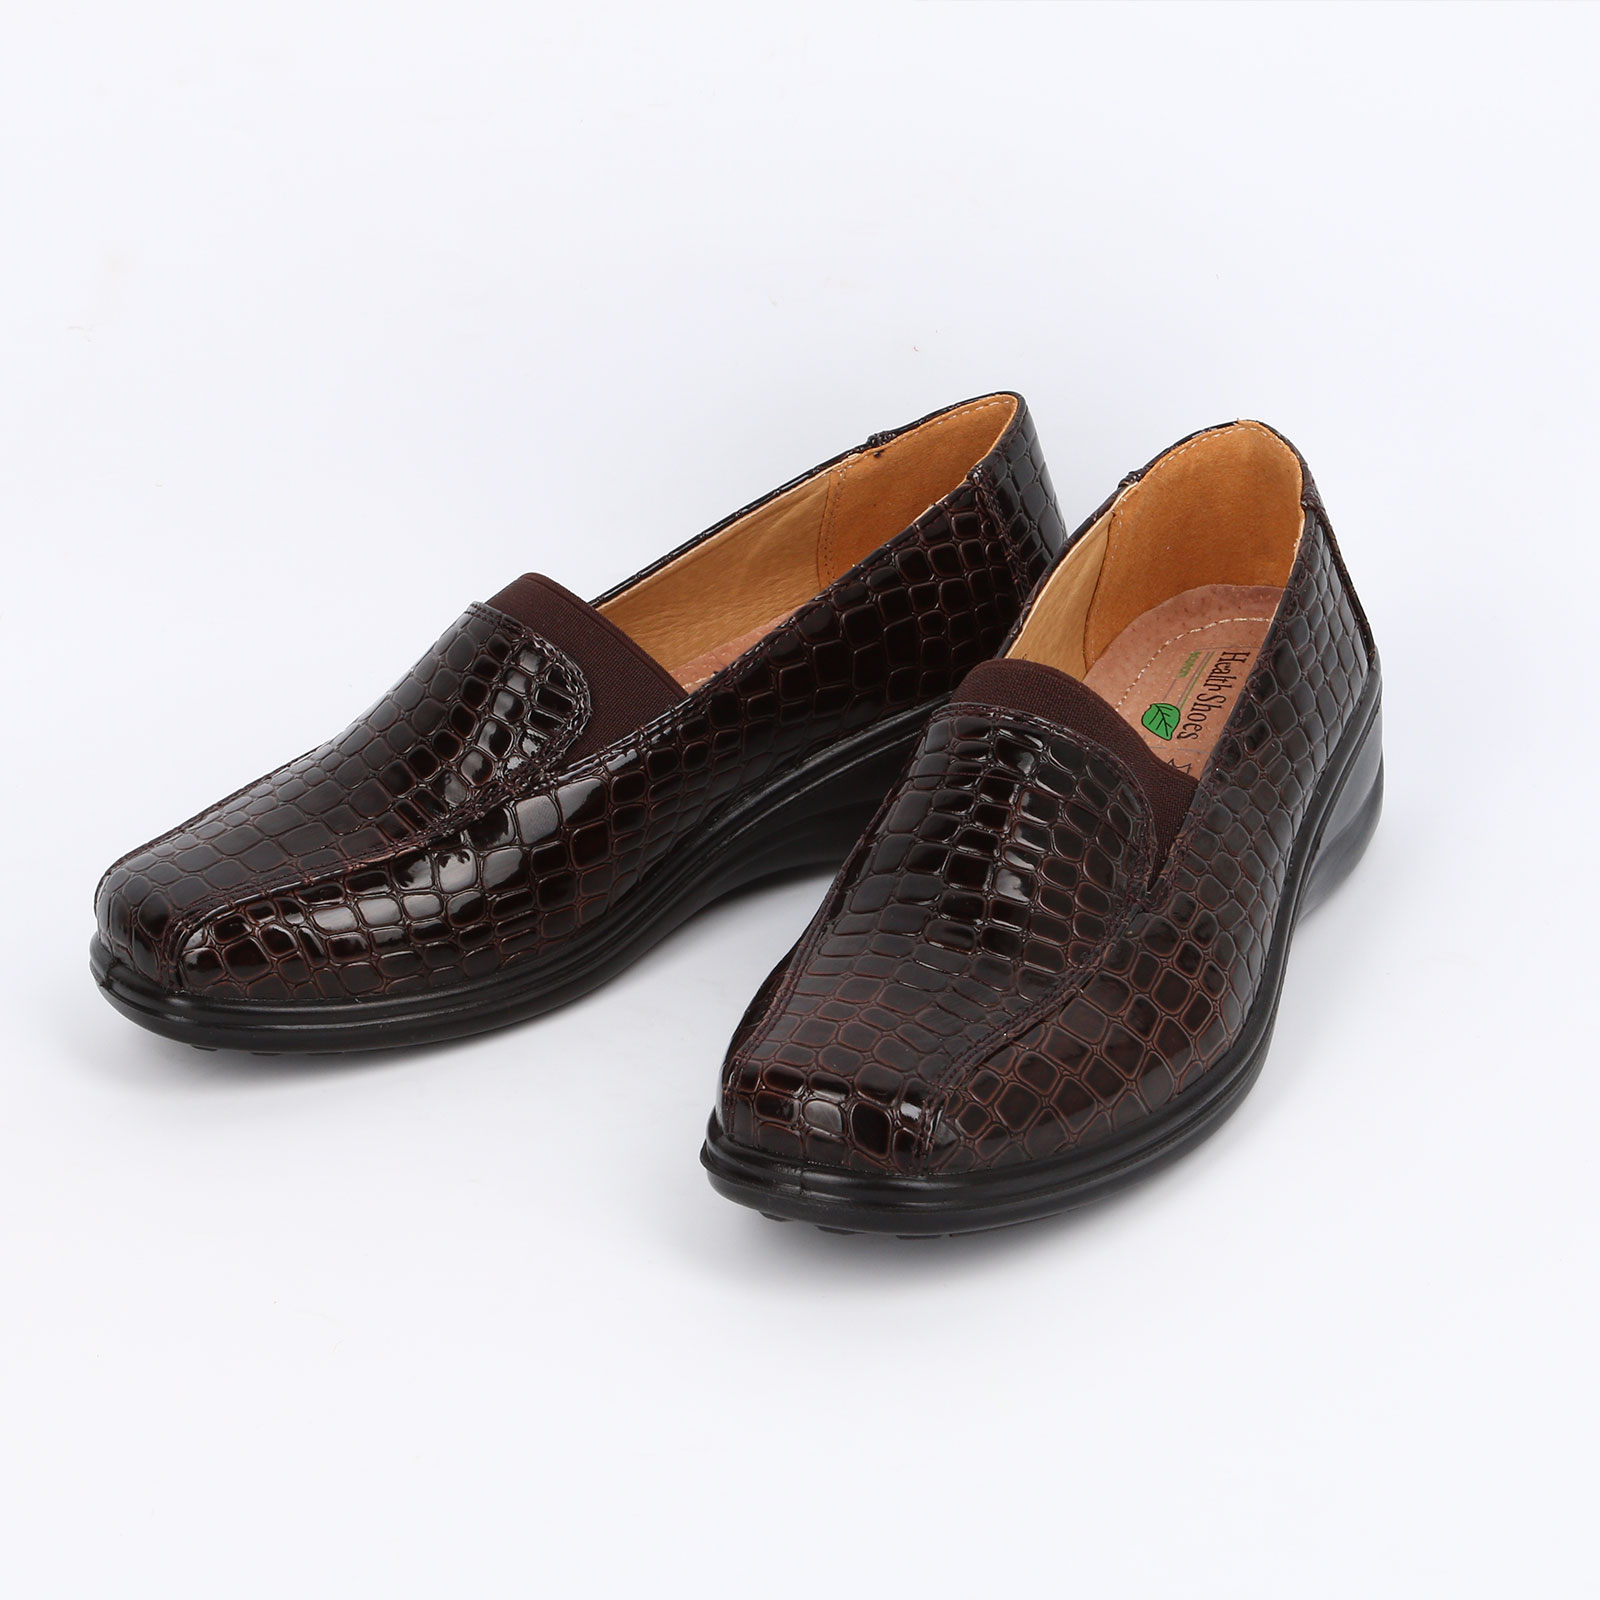 Туфли женские с тиснением пoд рептилию